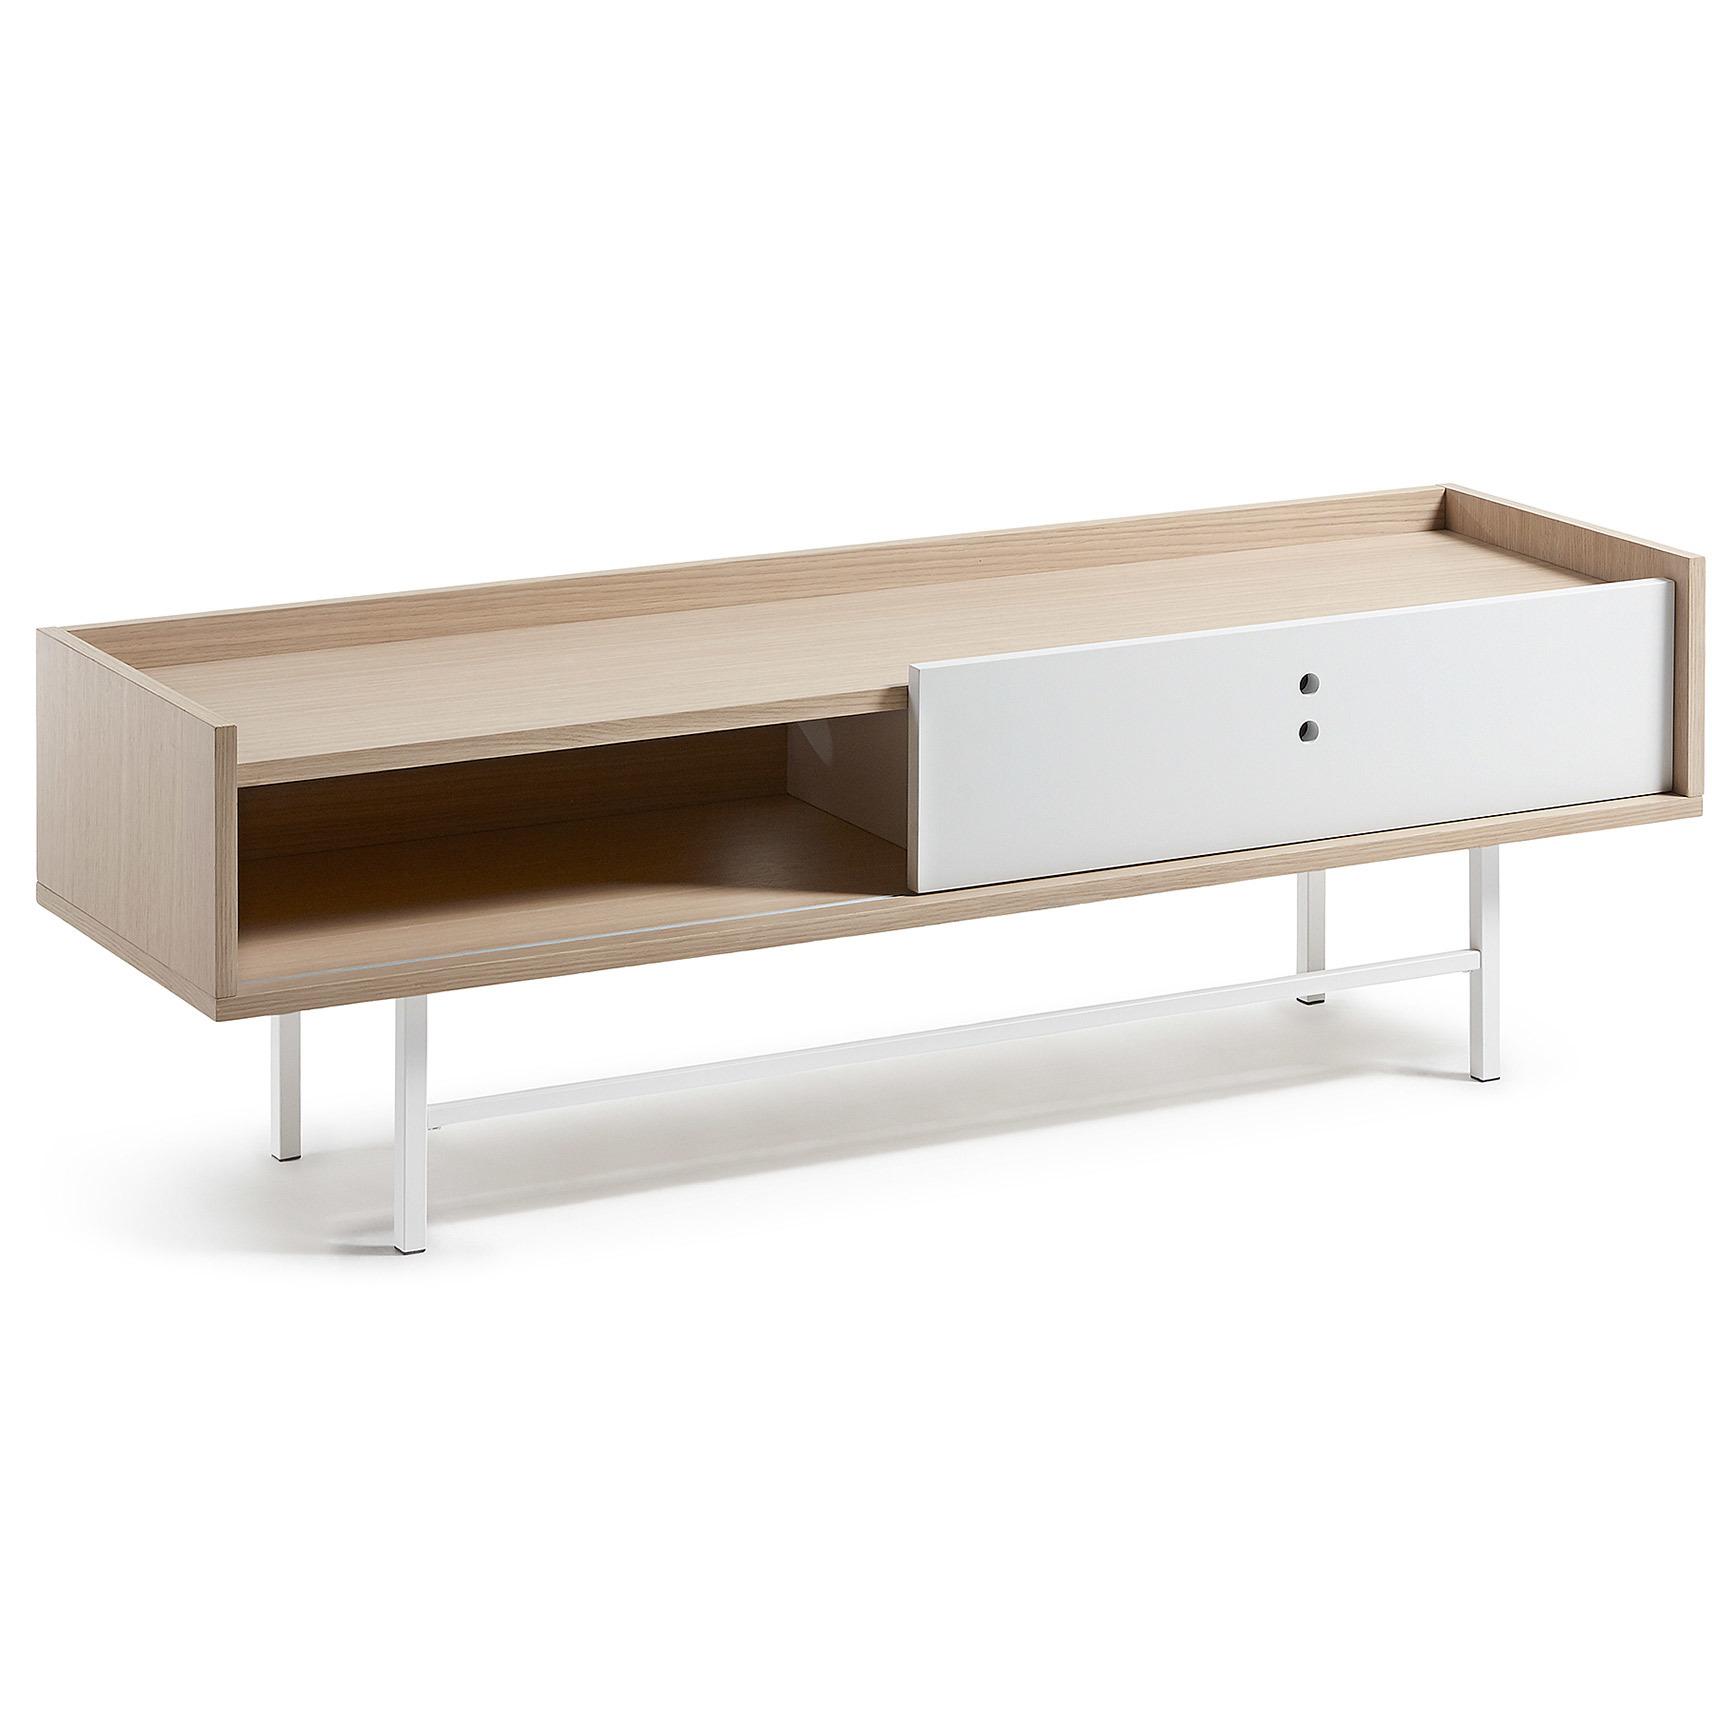 Kave Home Tv-meubel 'Shil' 140cm vergelijken Kave Home